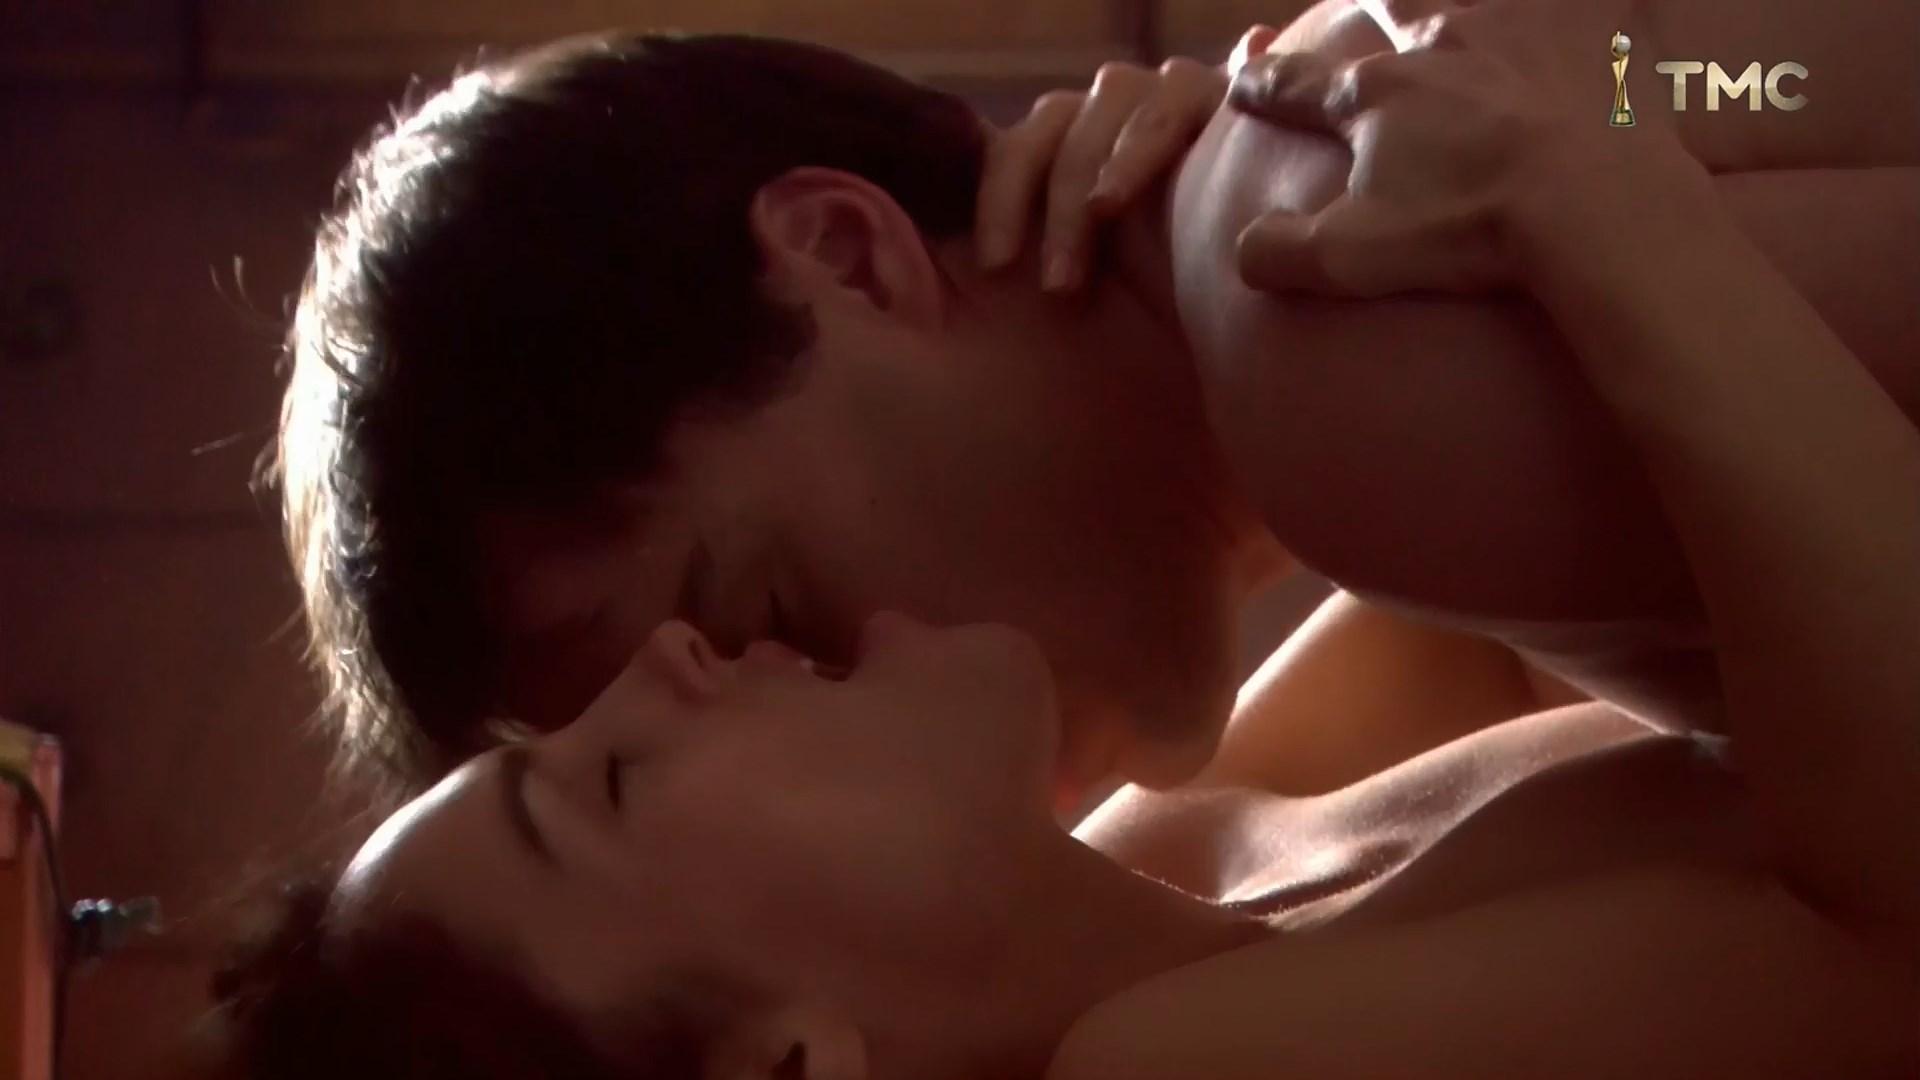 Amy Jo Johnson Topless watch online - amy jo johnson - fatal trust (2006) hd 1080p